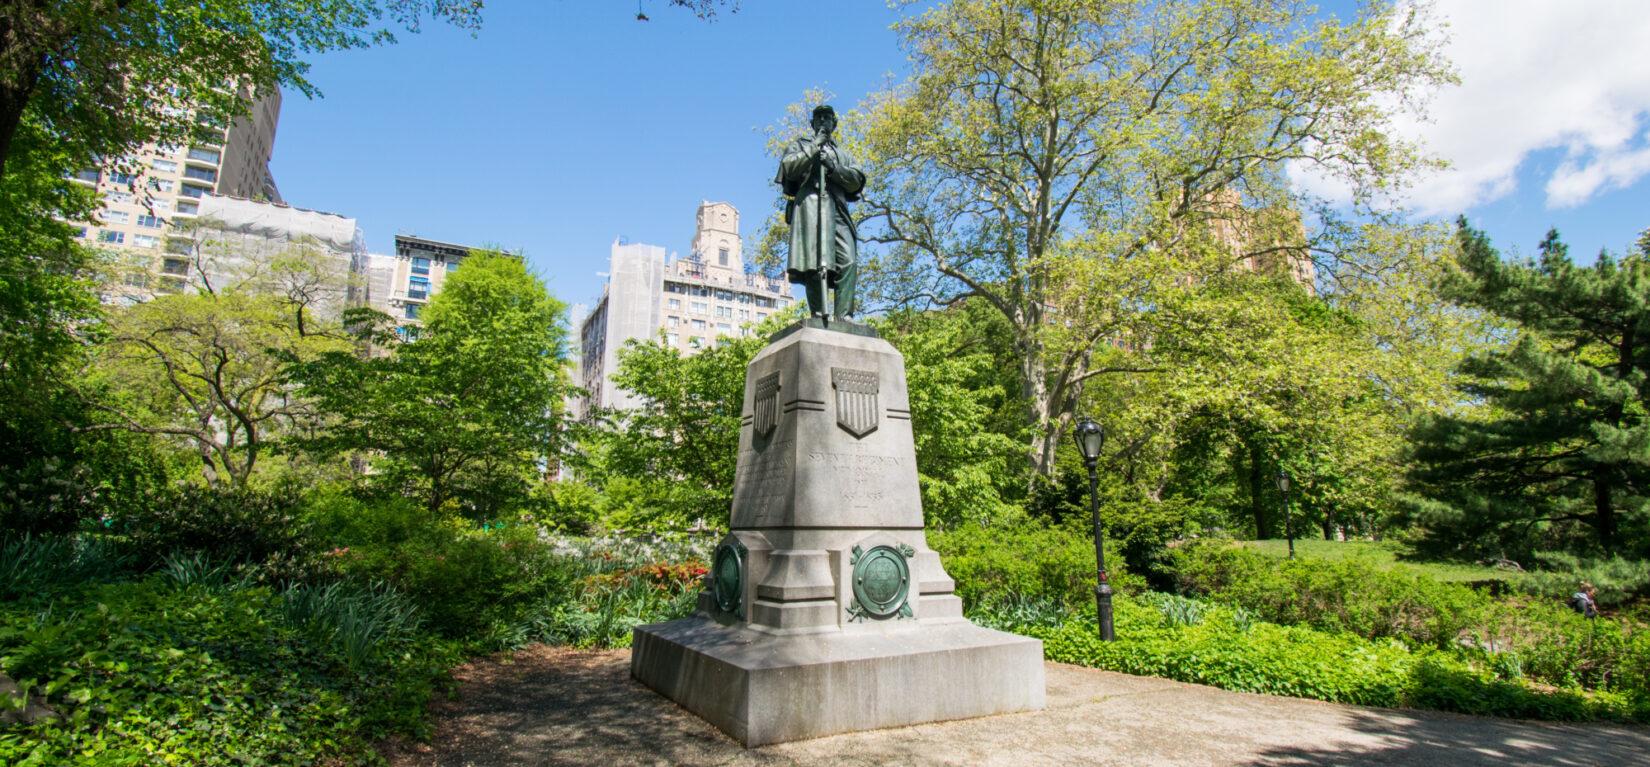 7th Regiment Memorial